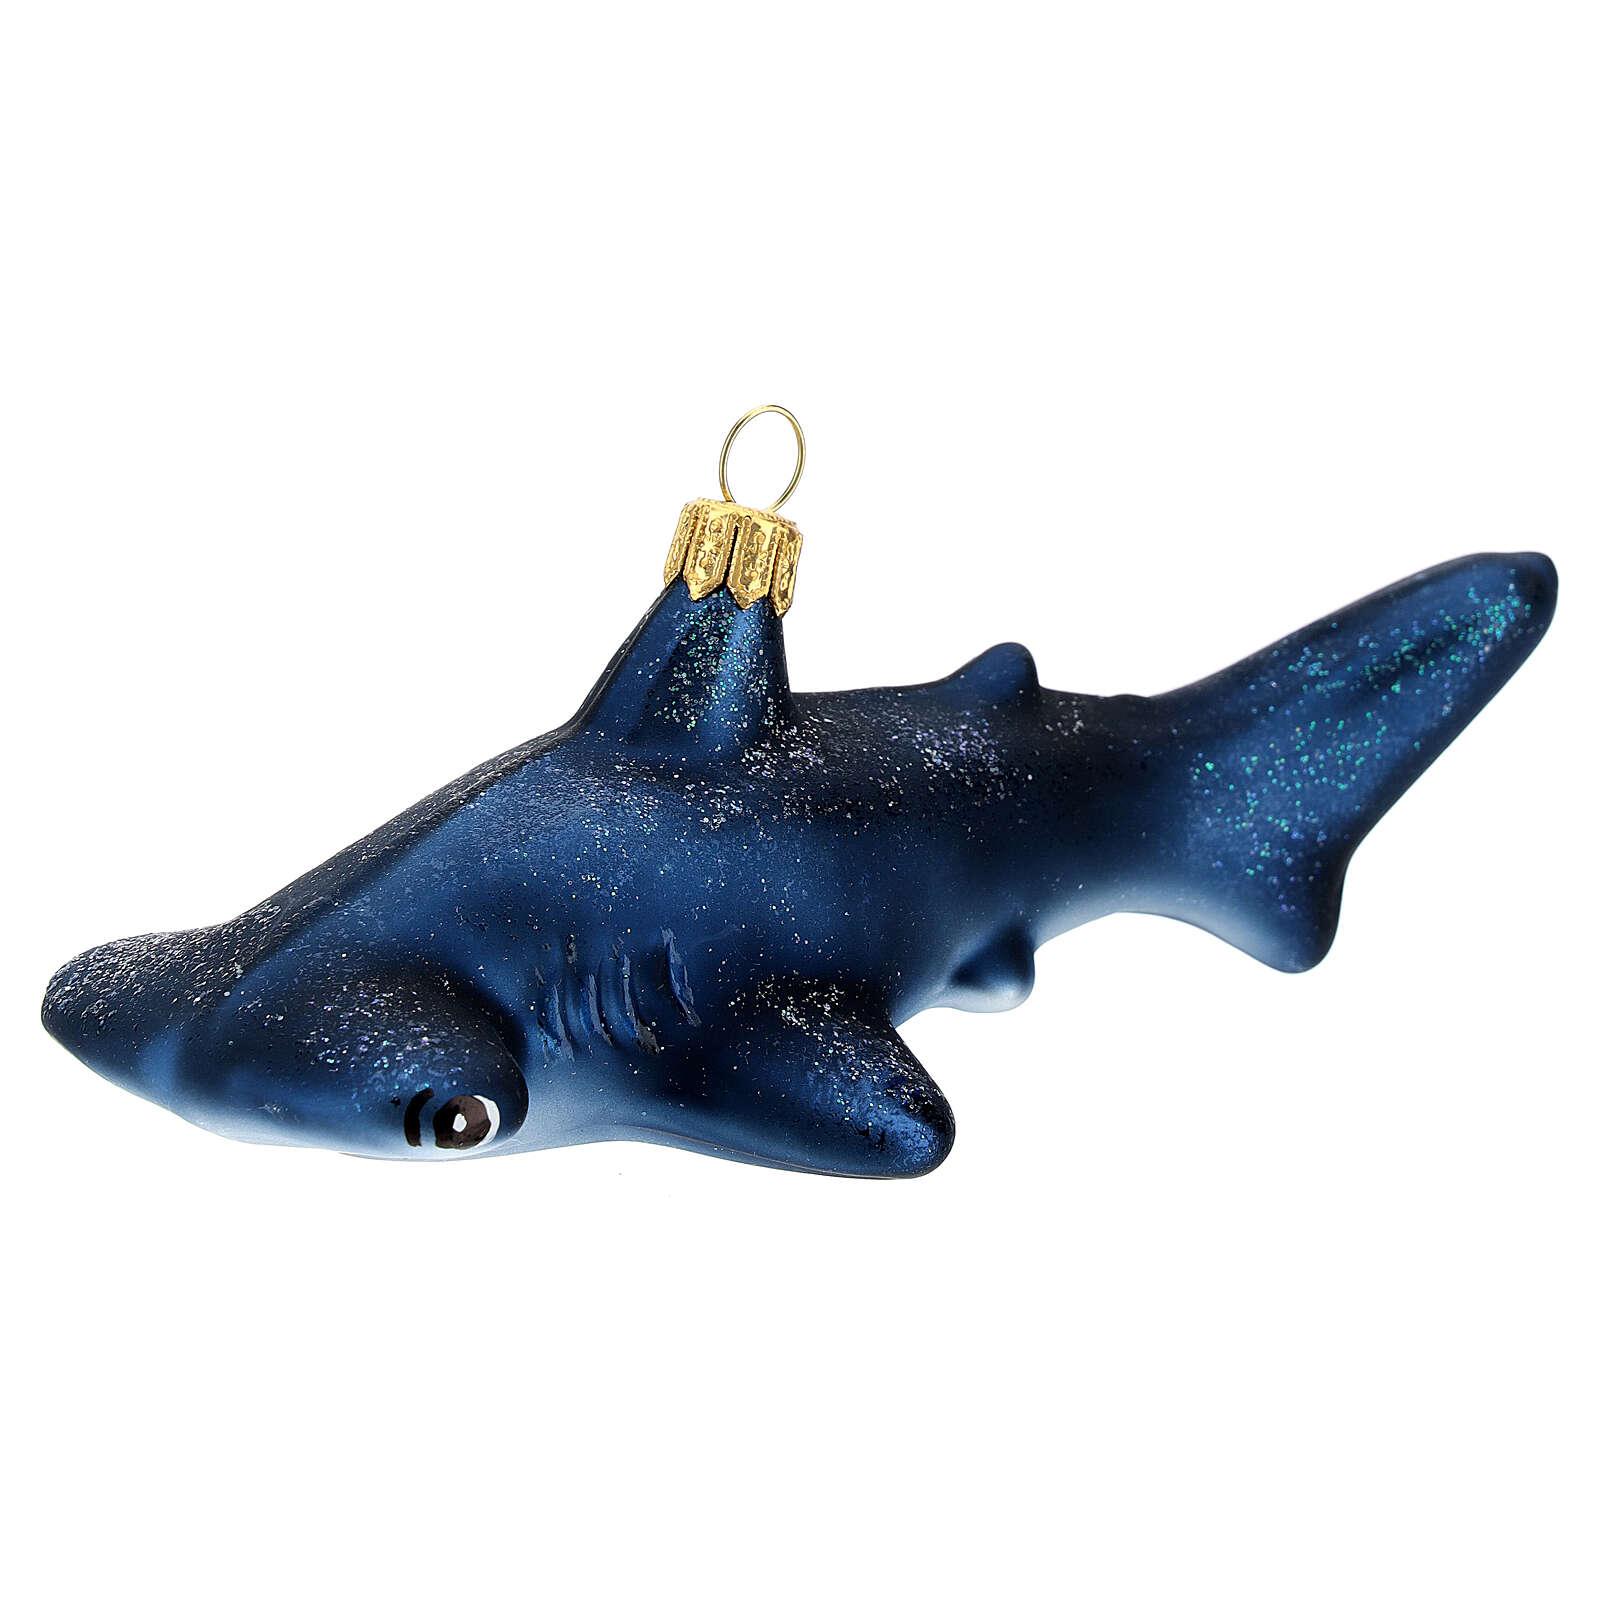 Requin-marteau décoration verre soufflé sapin Noël 4